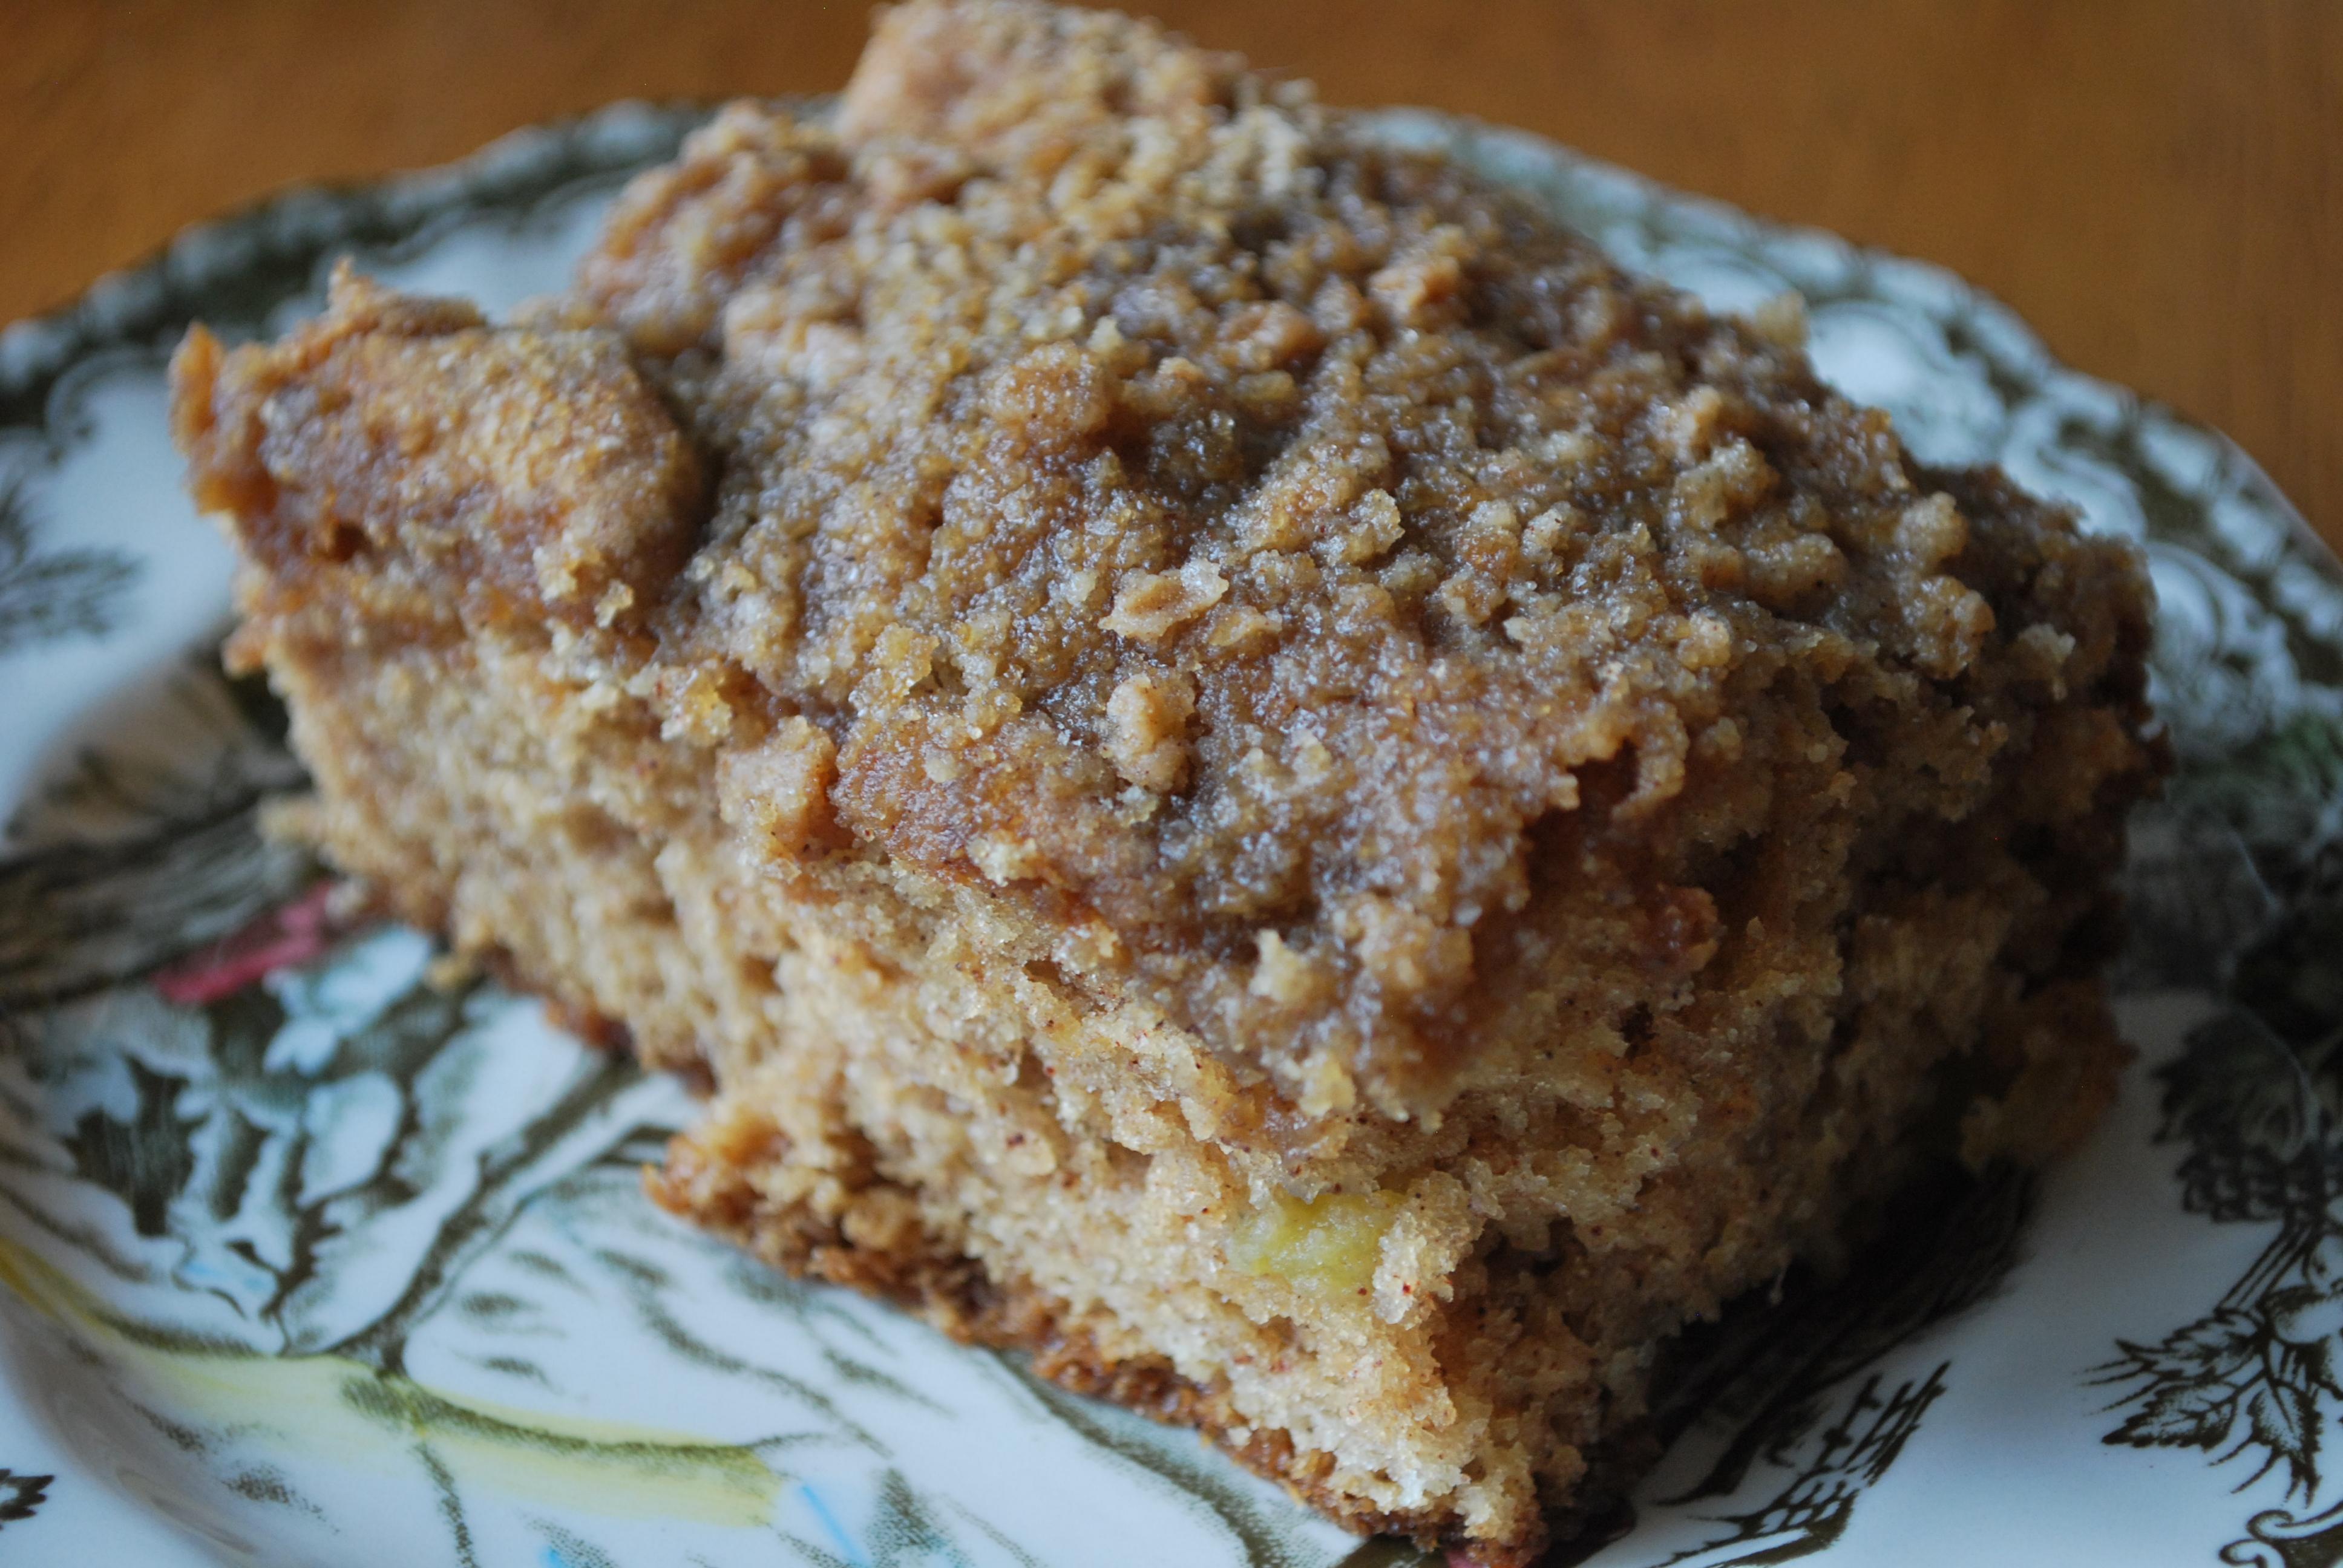 Emeril Lagasse Sour Cream Coffee Cake